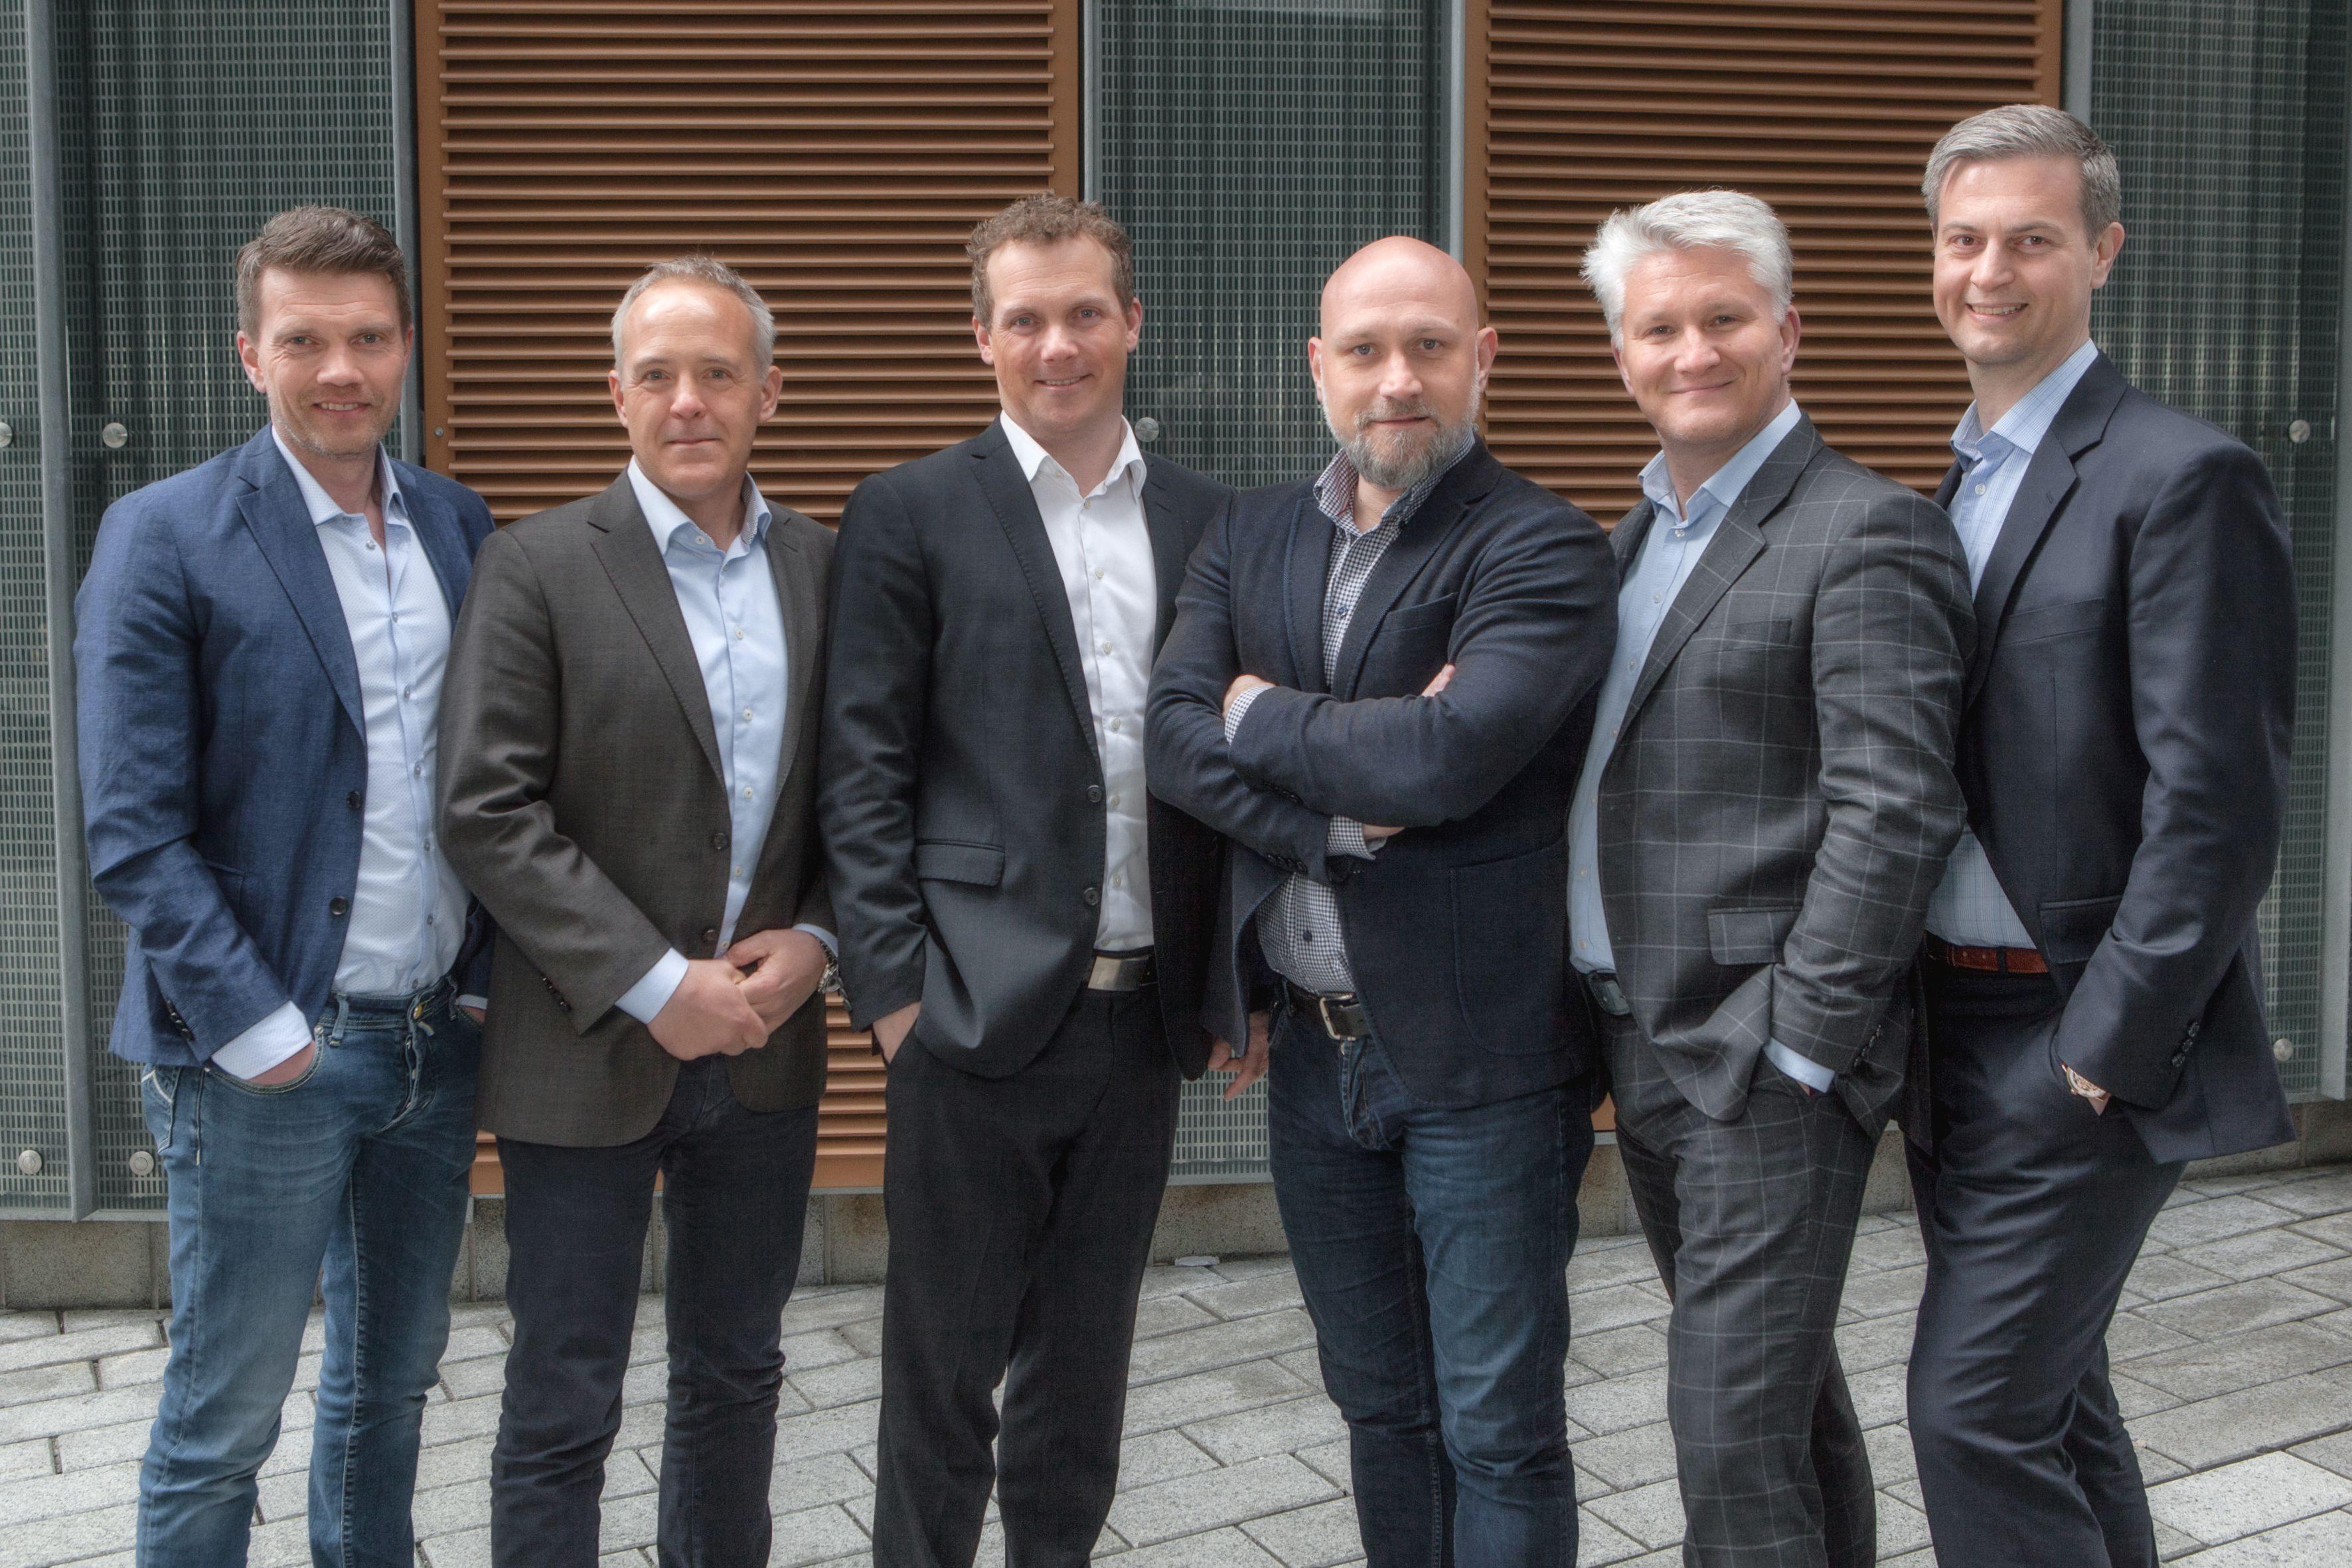 Norske Hudyas: fra 0 til 143 millioner på 10 måneder